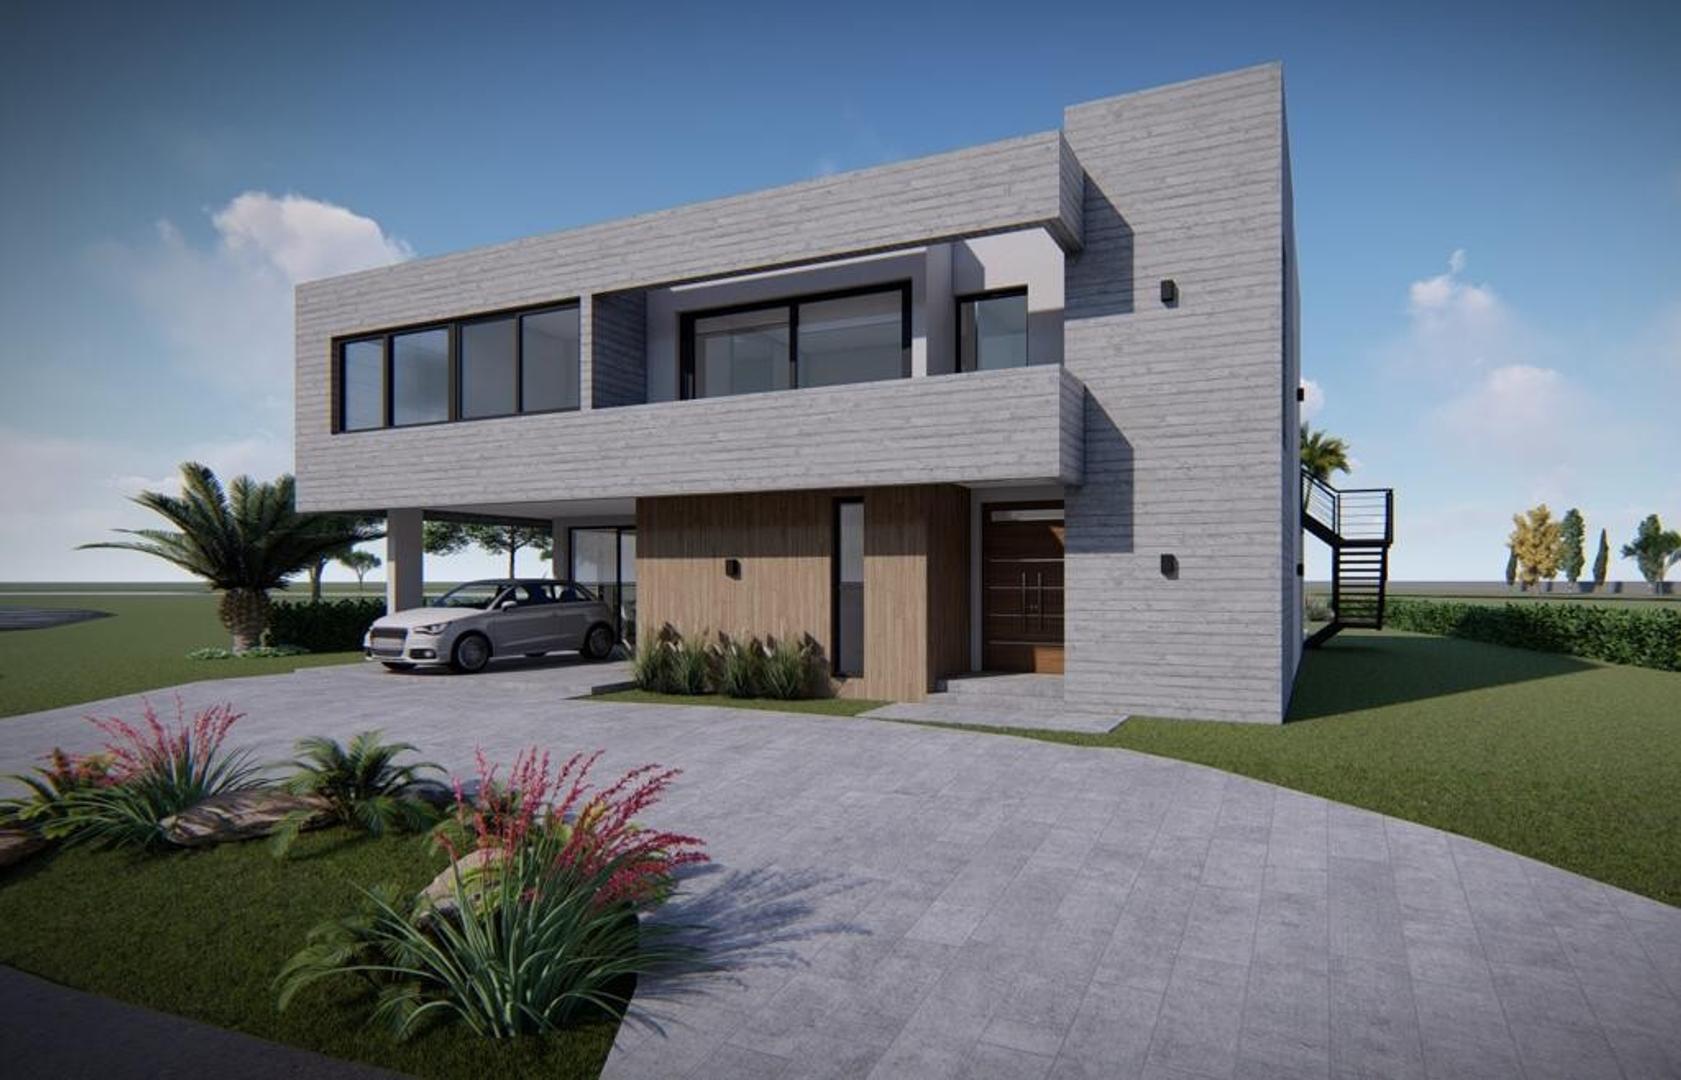 Casa en Venta en Terralagos - 4 ambientes